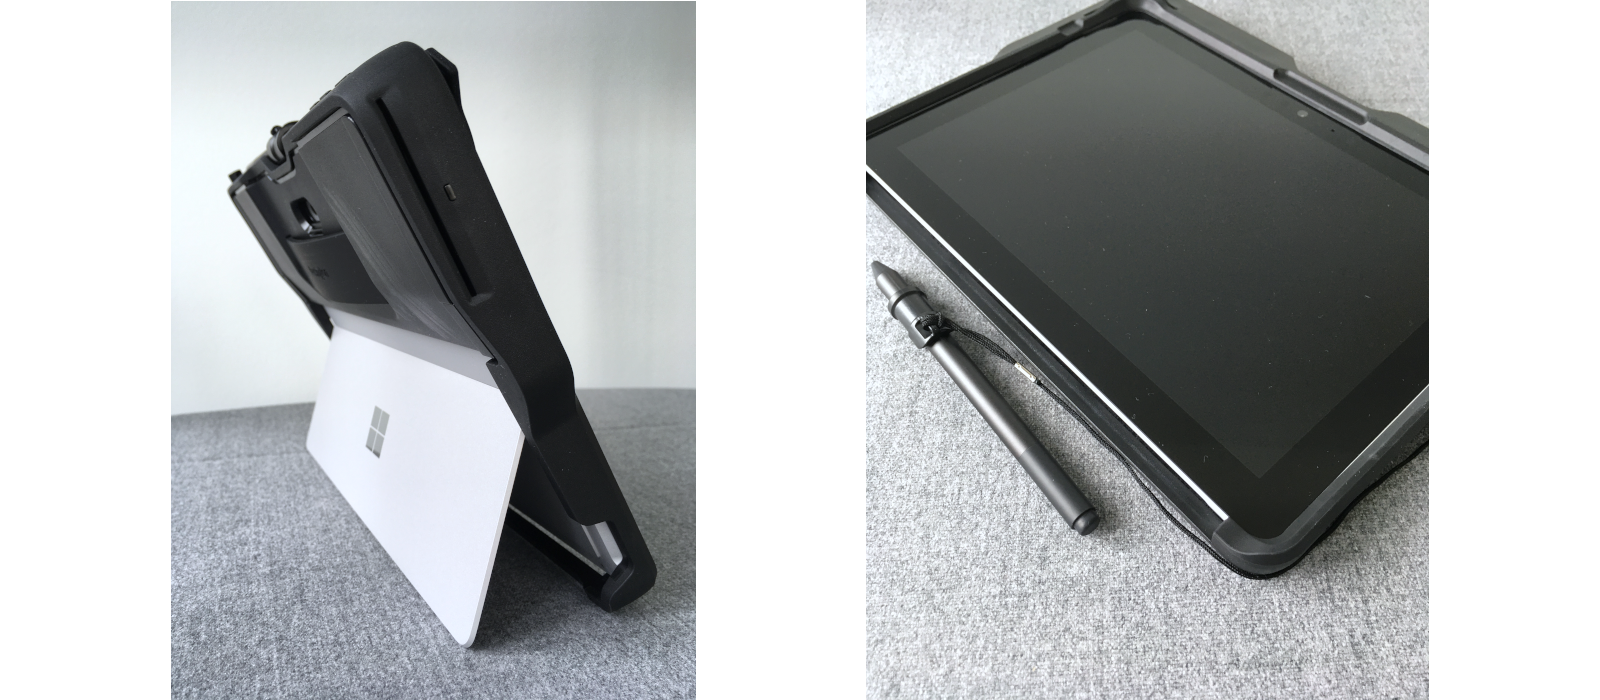 Das Kensington® BlackBelt™ Rugged Case für das Surface Go und Surface Go 2 mit CAC-Kartenlesegerä und Stifthalter für den Surface Pen  St